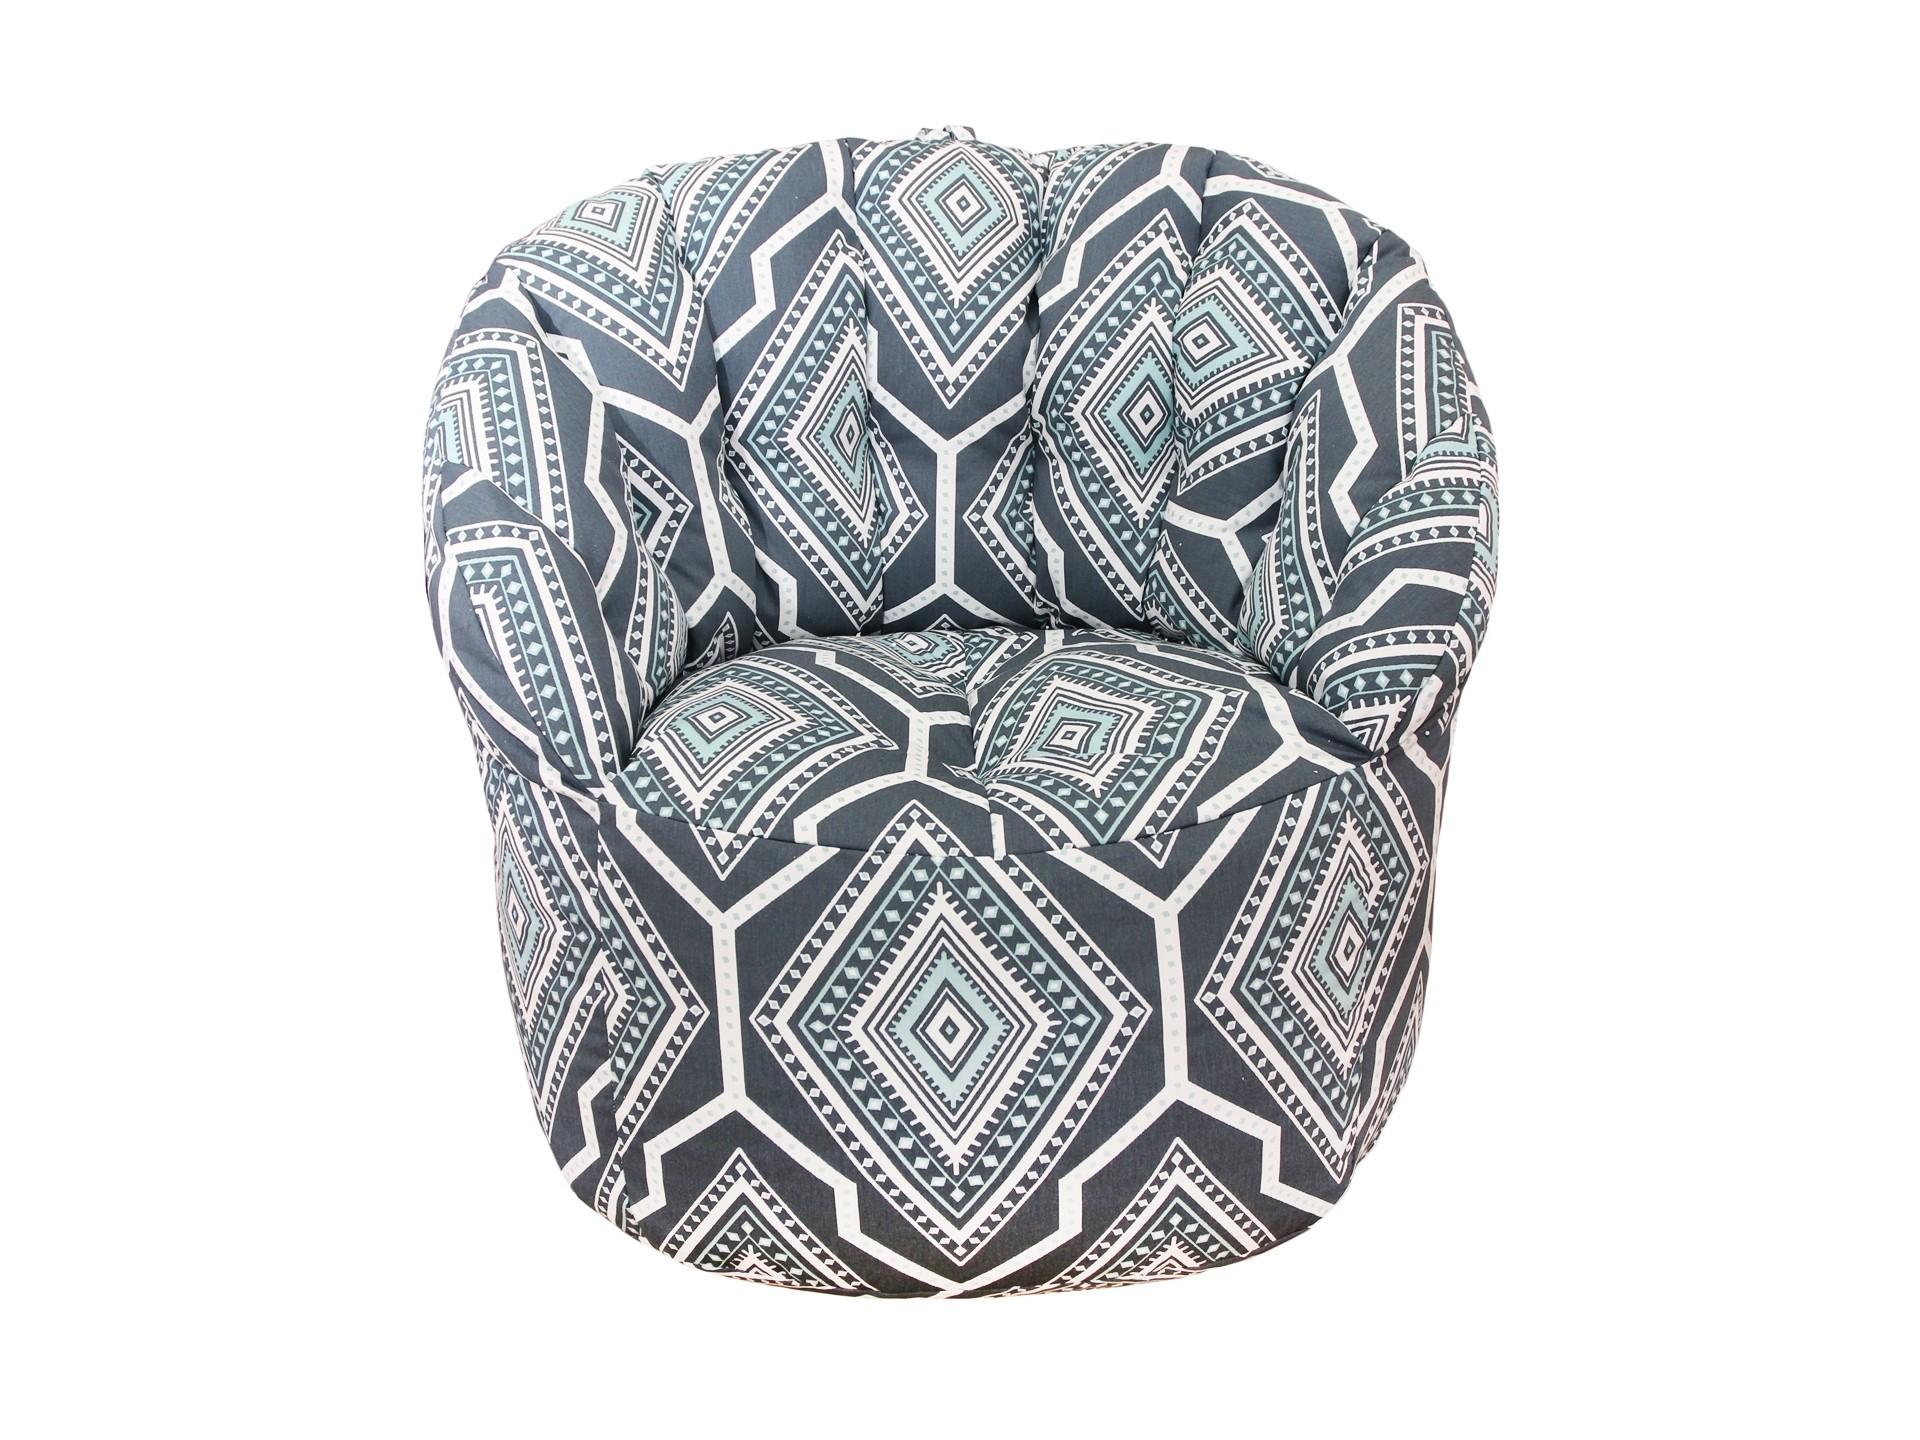 Кресло-пуф Canal TwillФорменные пуфы<br>Комфортное и легкое кресло-пуф станет неотьемлемой частью вашего интерьера. Спинка кресла держит форму и обеспечивает круговую поддержку для спины за счет особой системы пошива и подпоя из синтепона. Удобное и комфортное кресло способно осовременить любой интерьер. Эксклюзивная ткань, привезенная из США поможет создать оригинальный и неповторимый интерьер в вашем доме.<br><br>Material: Хлопок<br>Width см: 85<br>Depth см: 79<br>Height см: 91